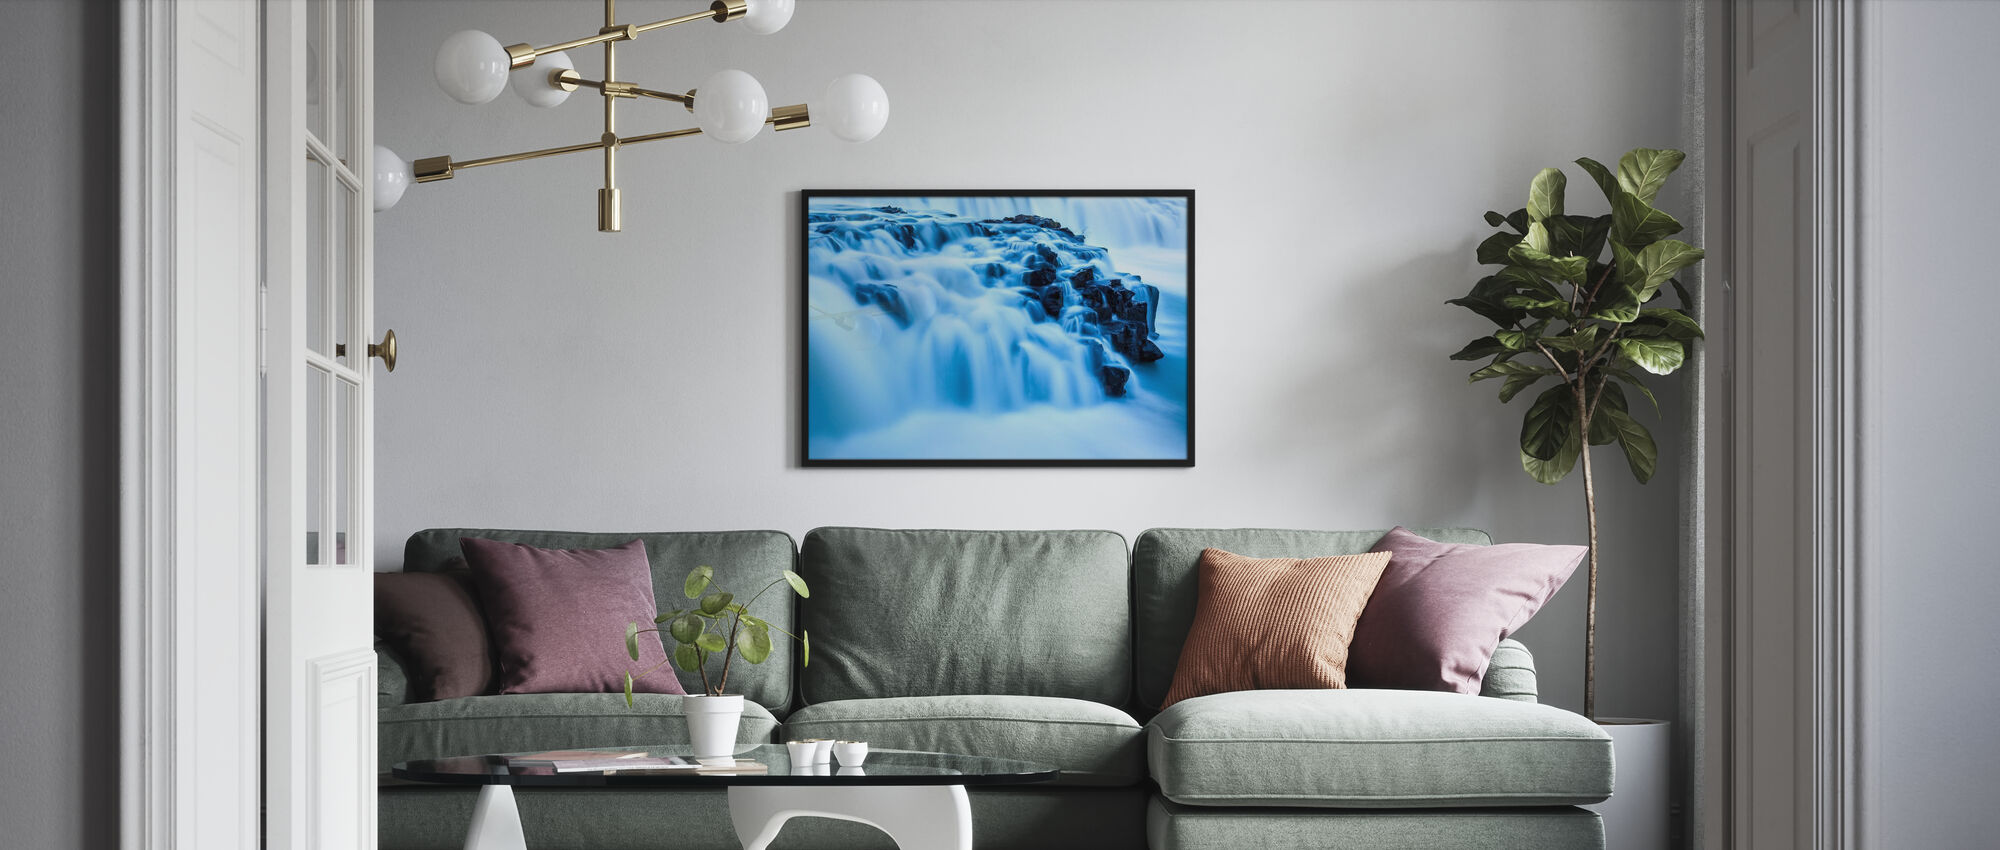 Midnight Falls II - Poster - Living Room